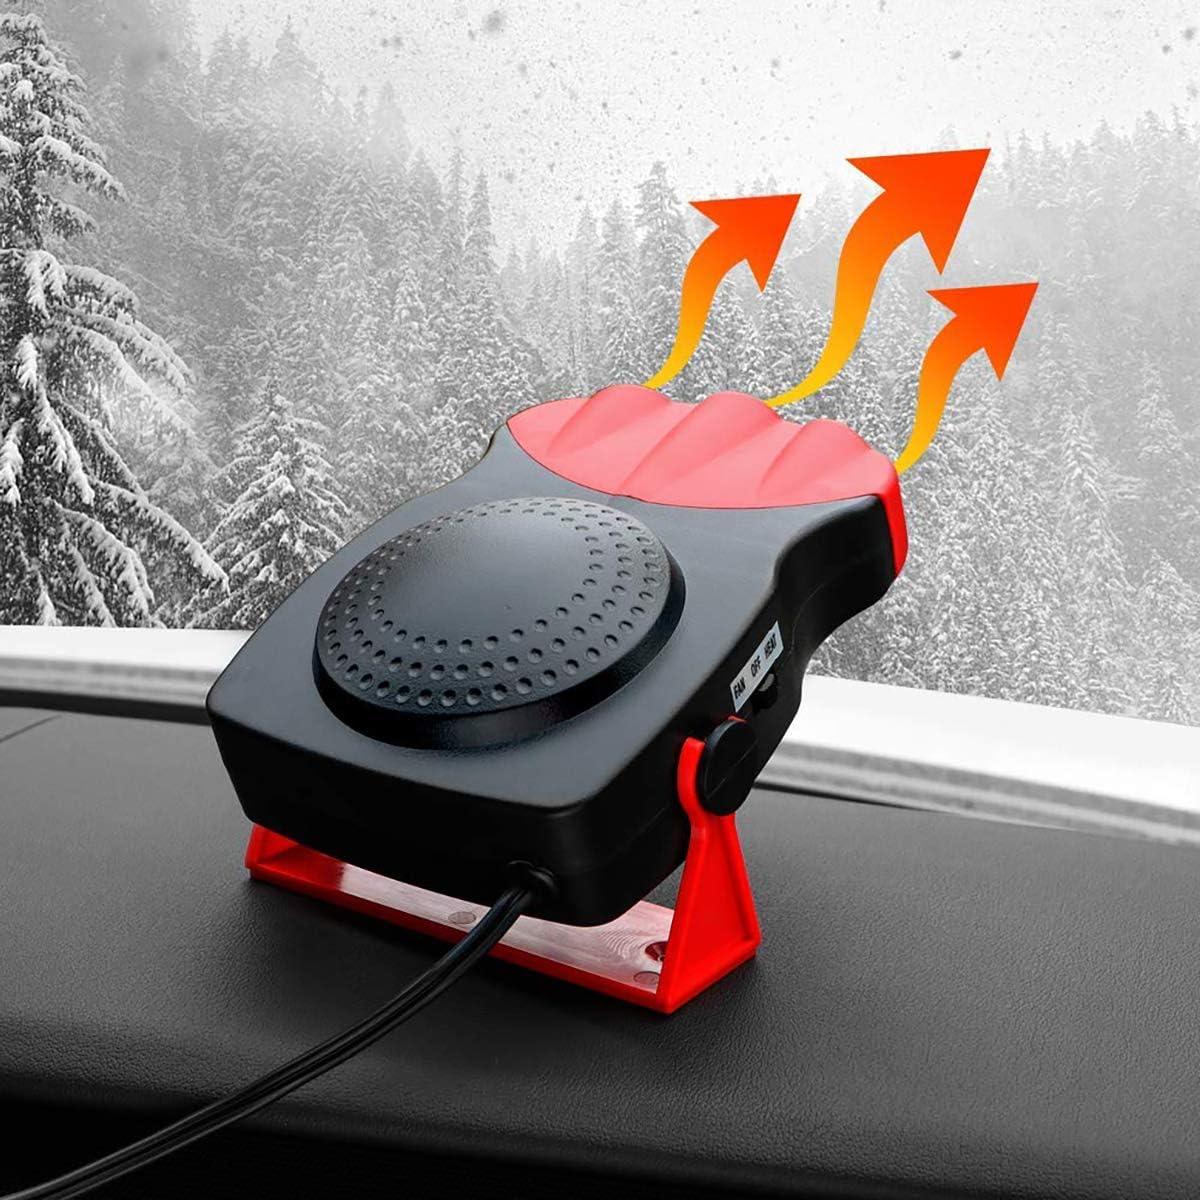 Tragbare Autol/üfterheizung 24V Auto Windschutzscheibenentfroster Defogger Auto Window Demister Plug-In Zigarettenanz/ünder f/ür LKW Auto und Heizl/üfter f/ür den Winter Sommer 12V 2-in-1-K/ühl